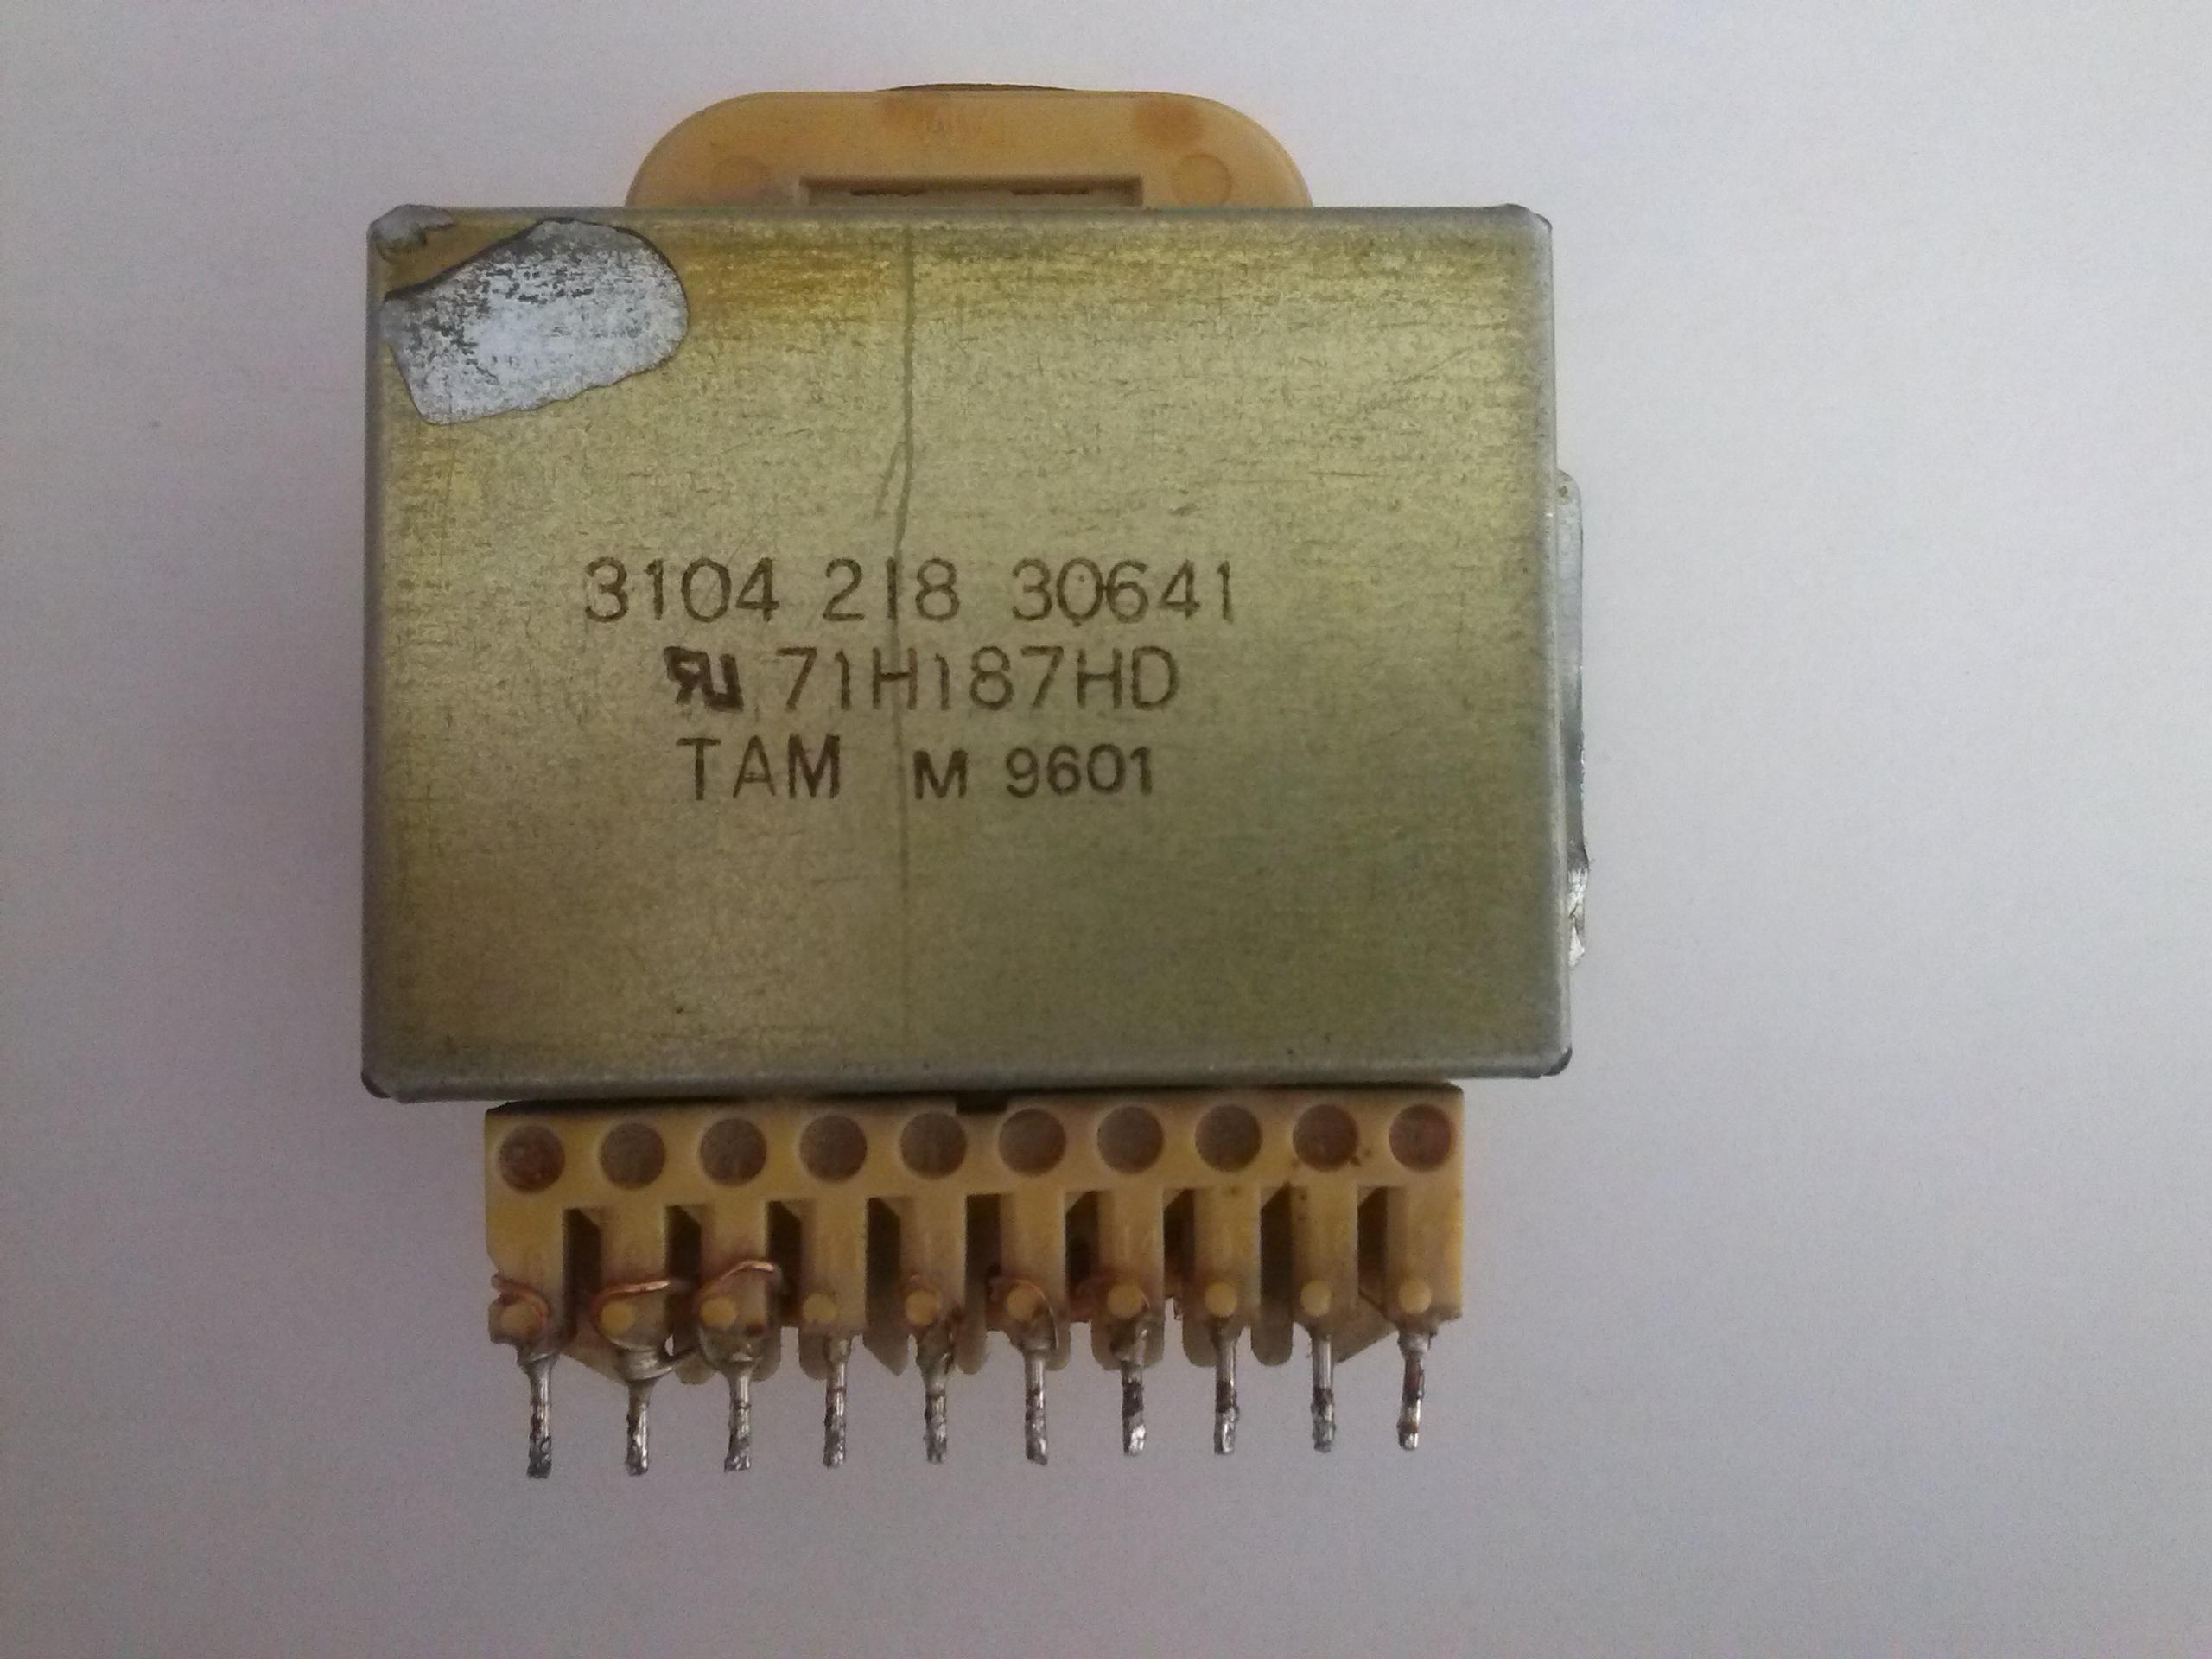 Transformator sieciowy z demonta�u-jak go wykorzysta�